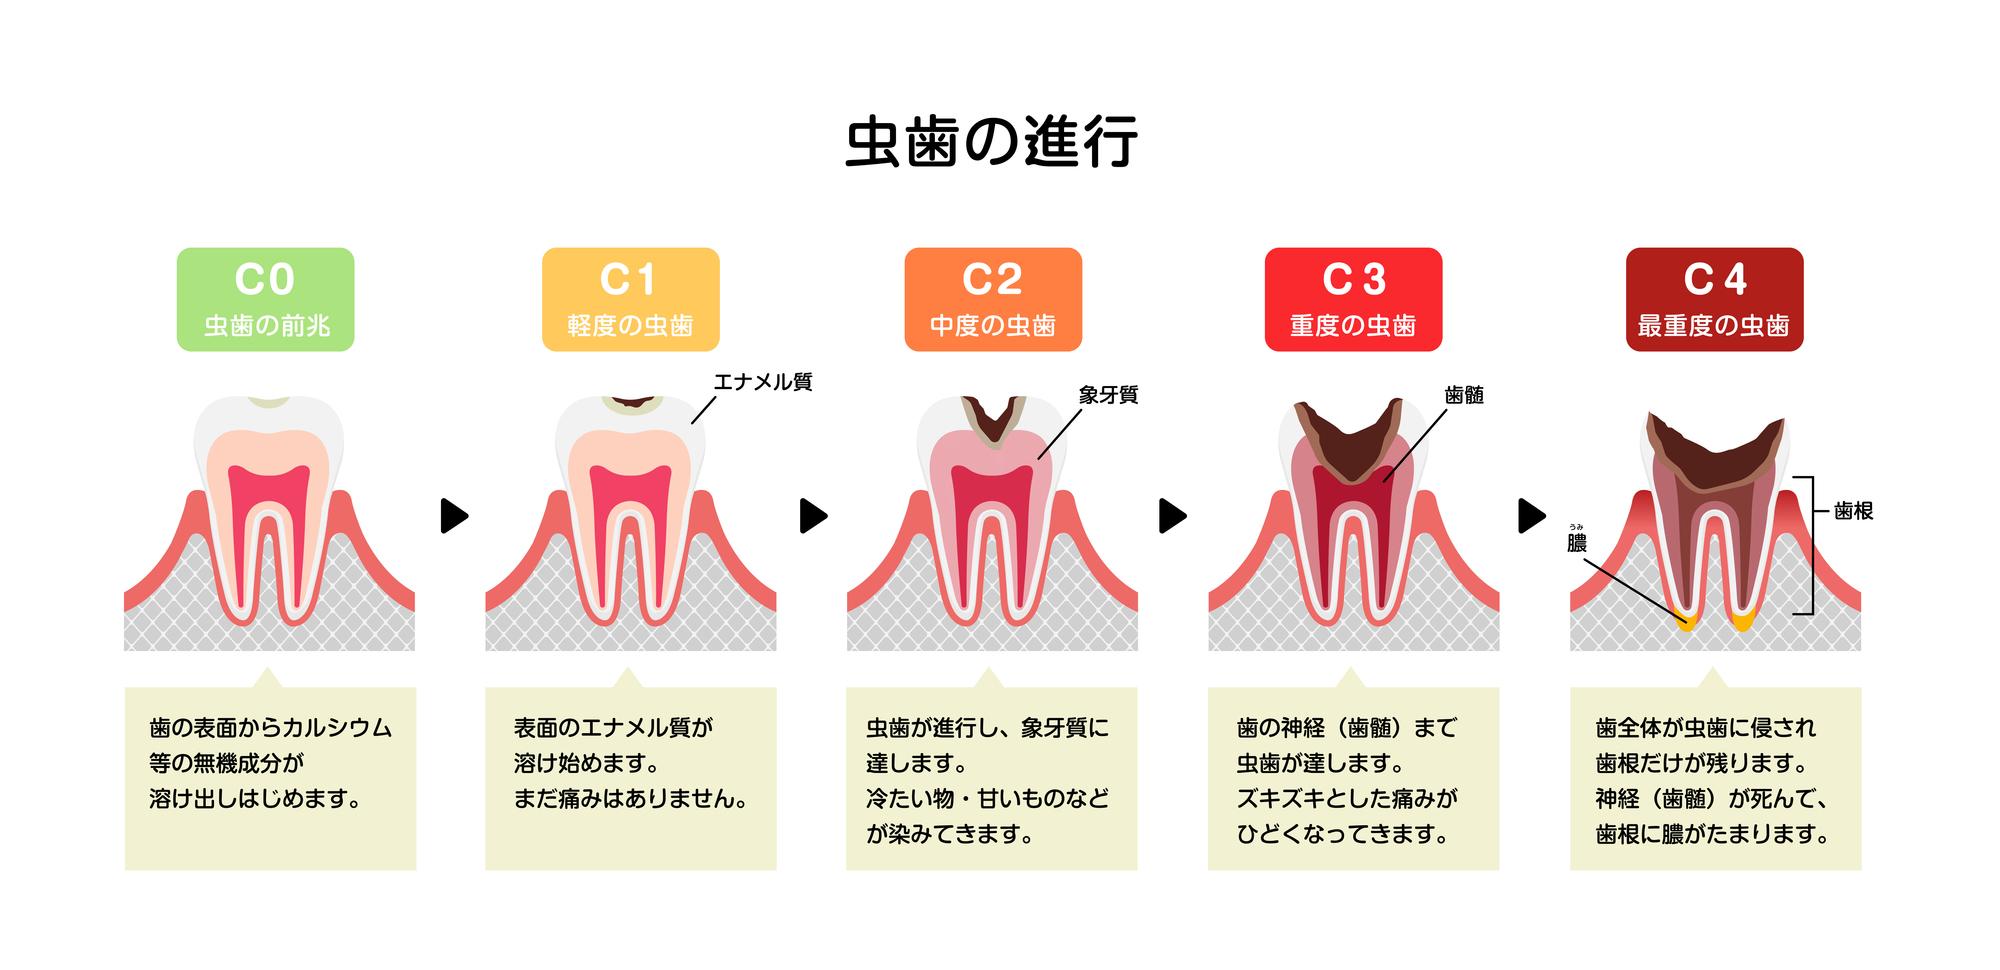 馬車道の歯医者 馬車道アイランドタワー歯科|ブログ|虫歯の早期発見で有効な治療コンポジットレジン修復について|虫歯の進行段階の図